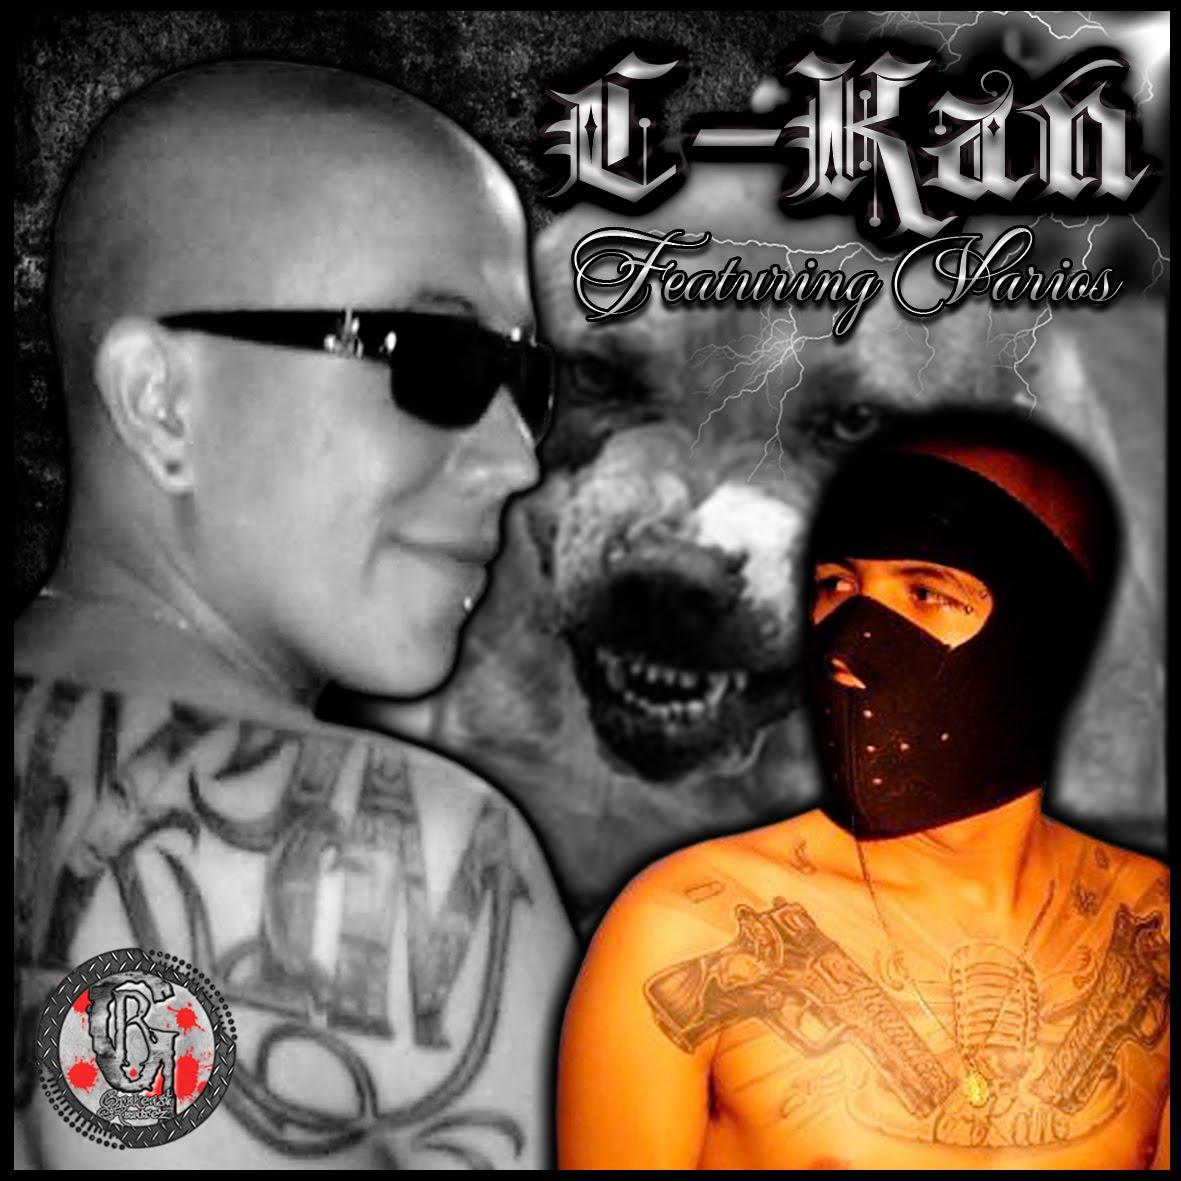 la biografia de c-kan